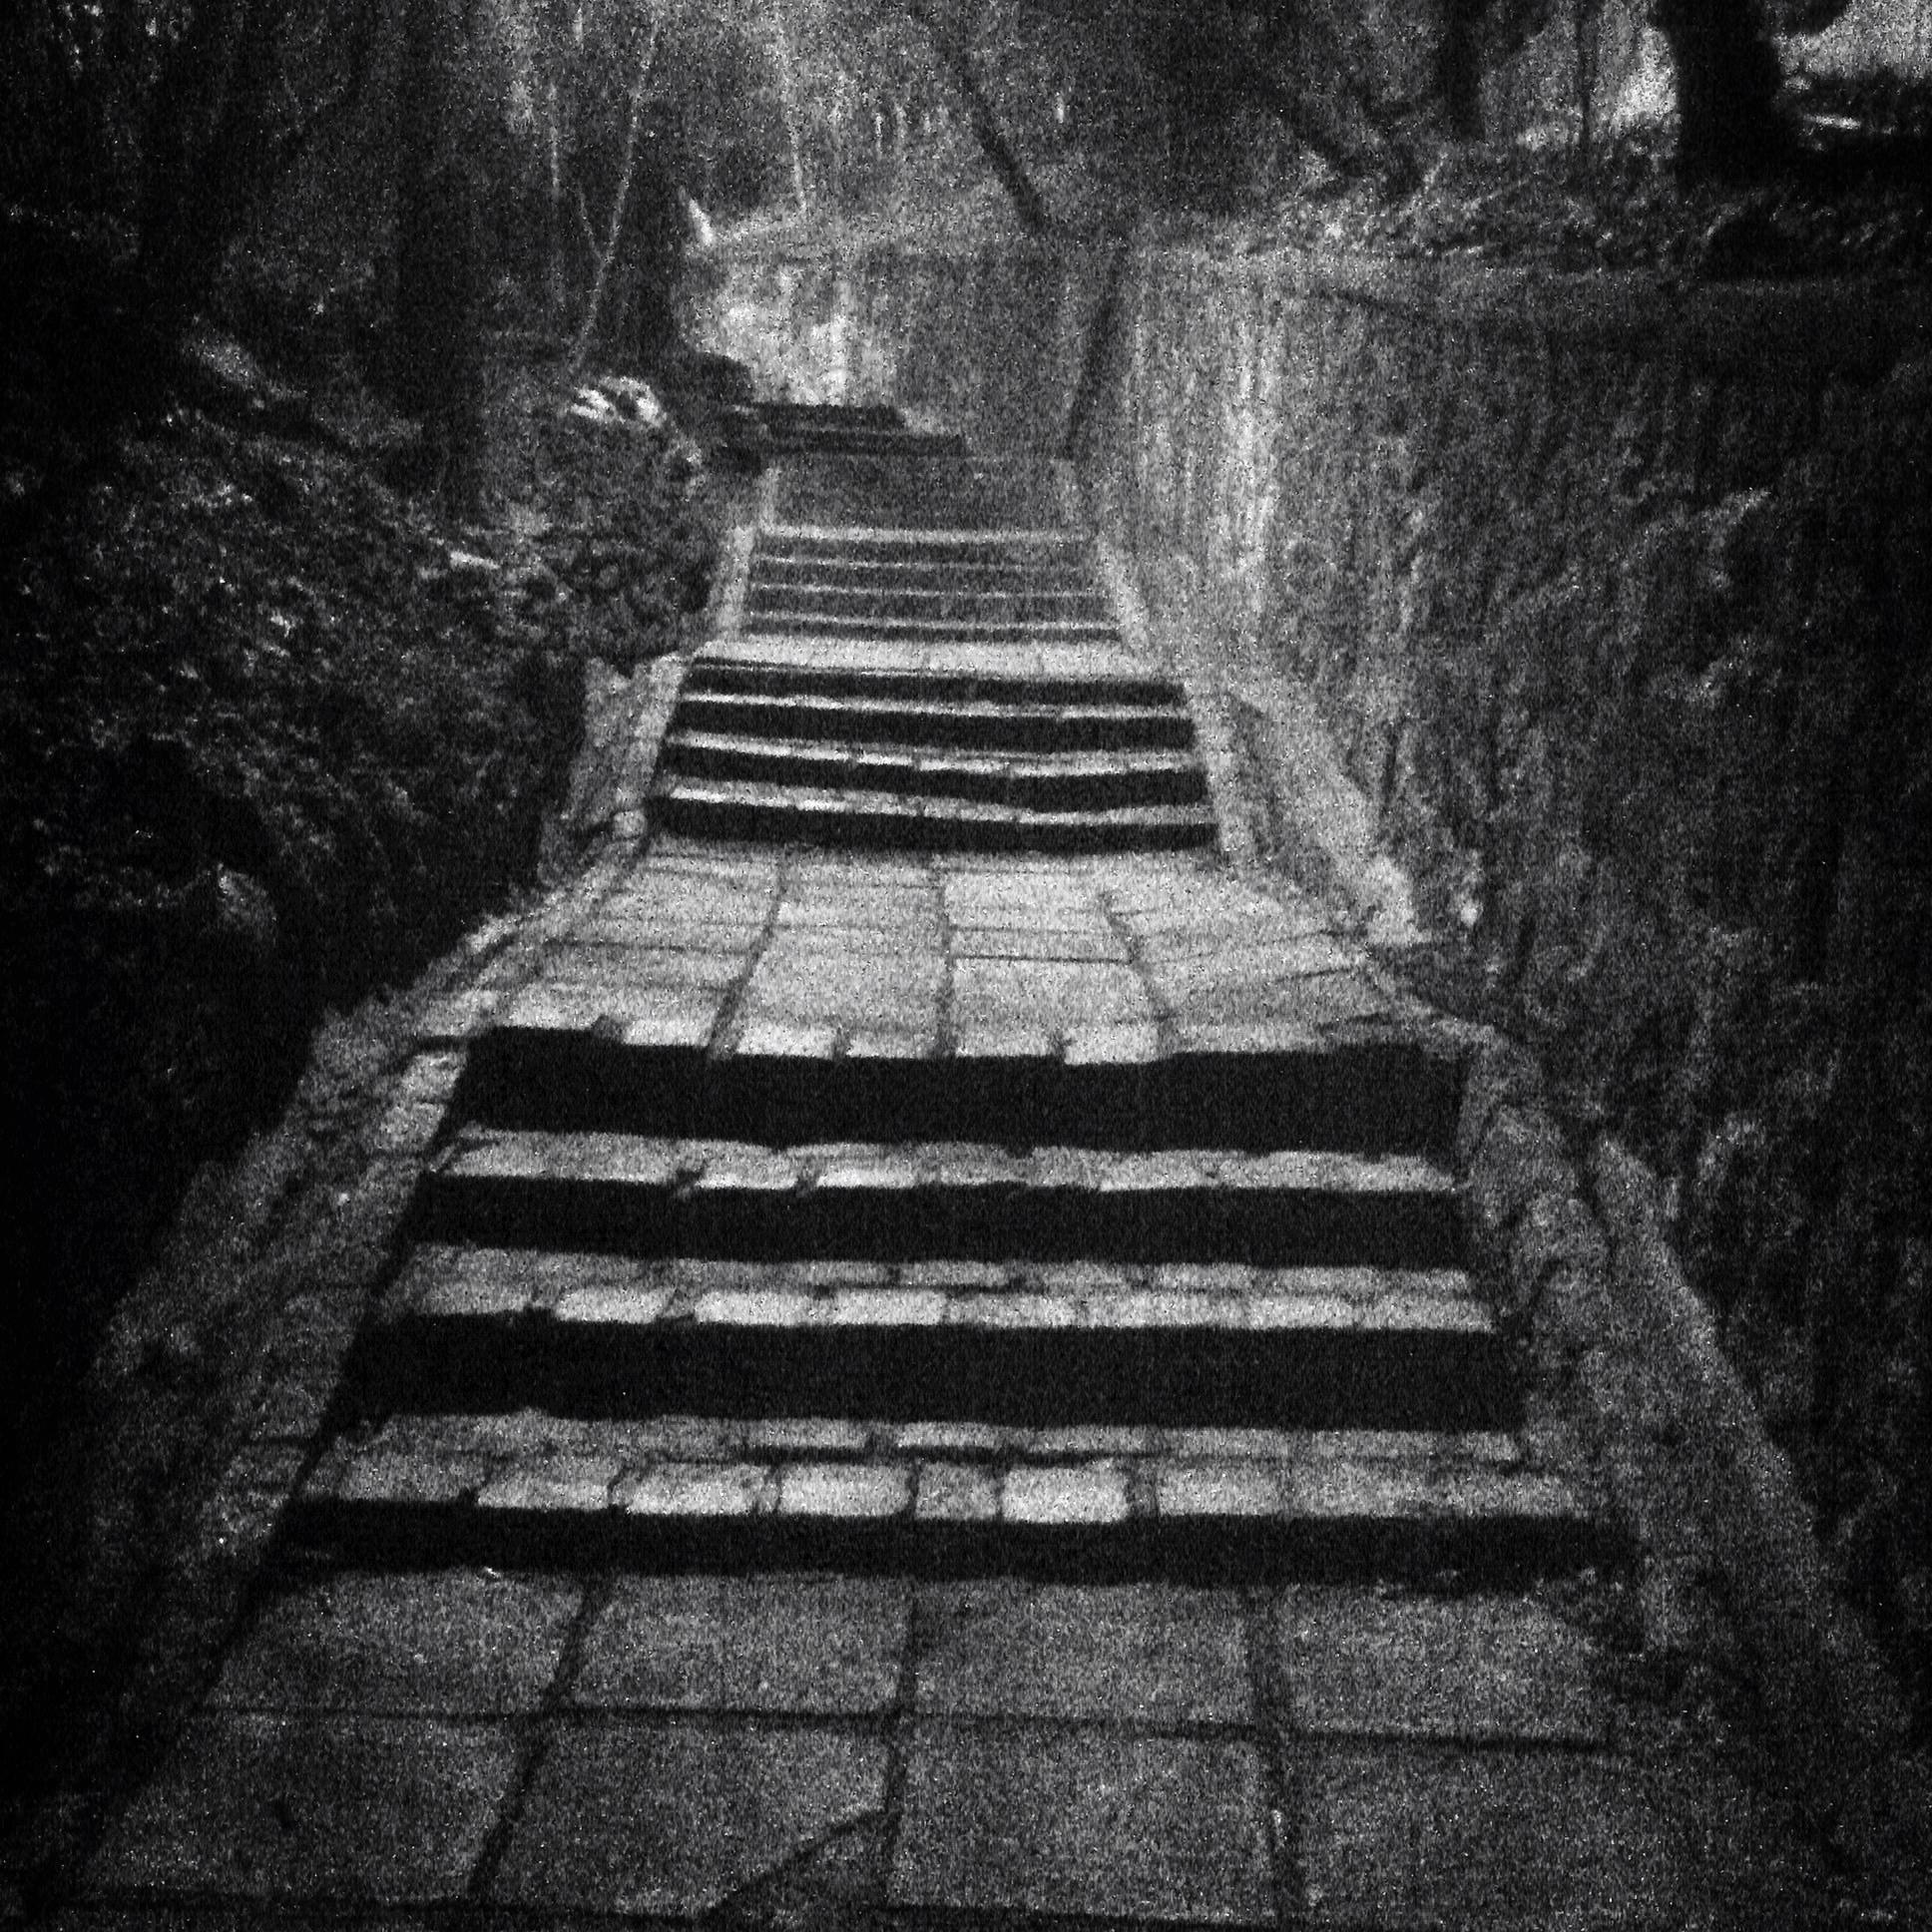 TD_140116_002_stairs.JPG